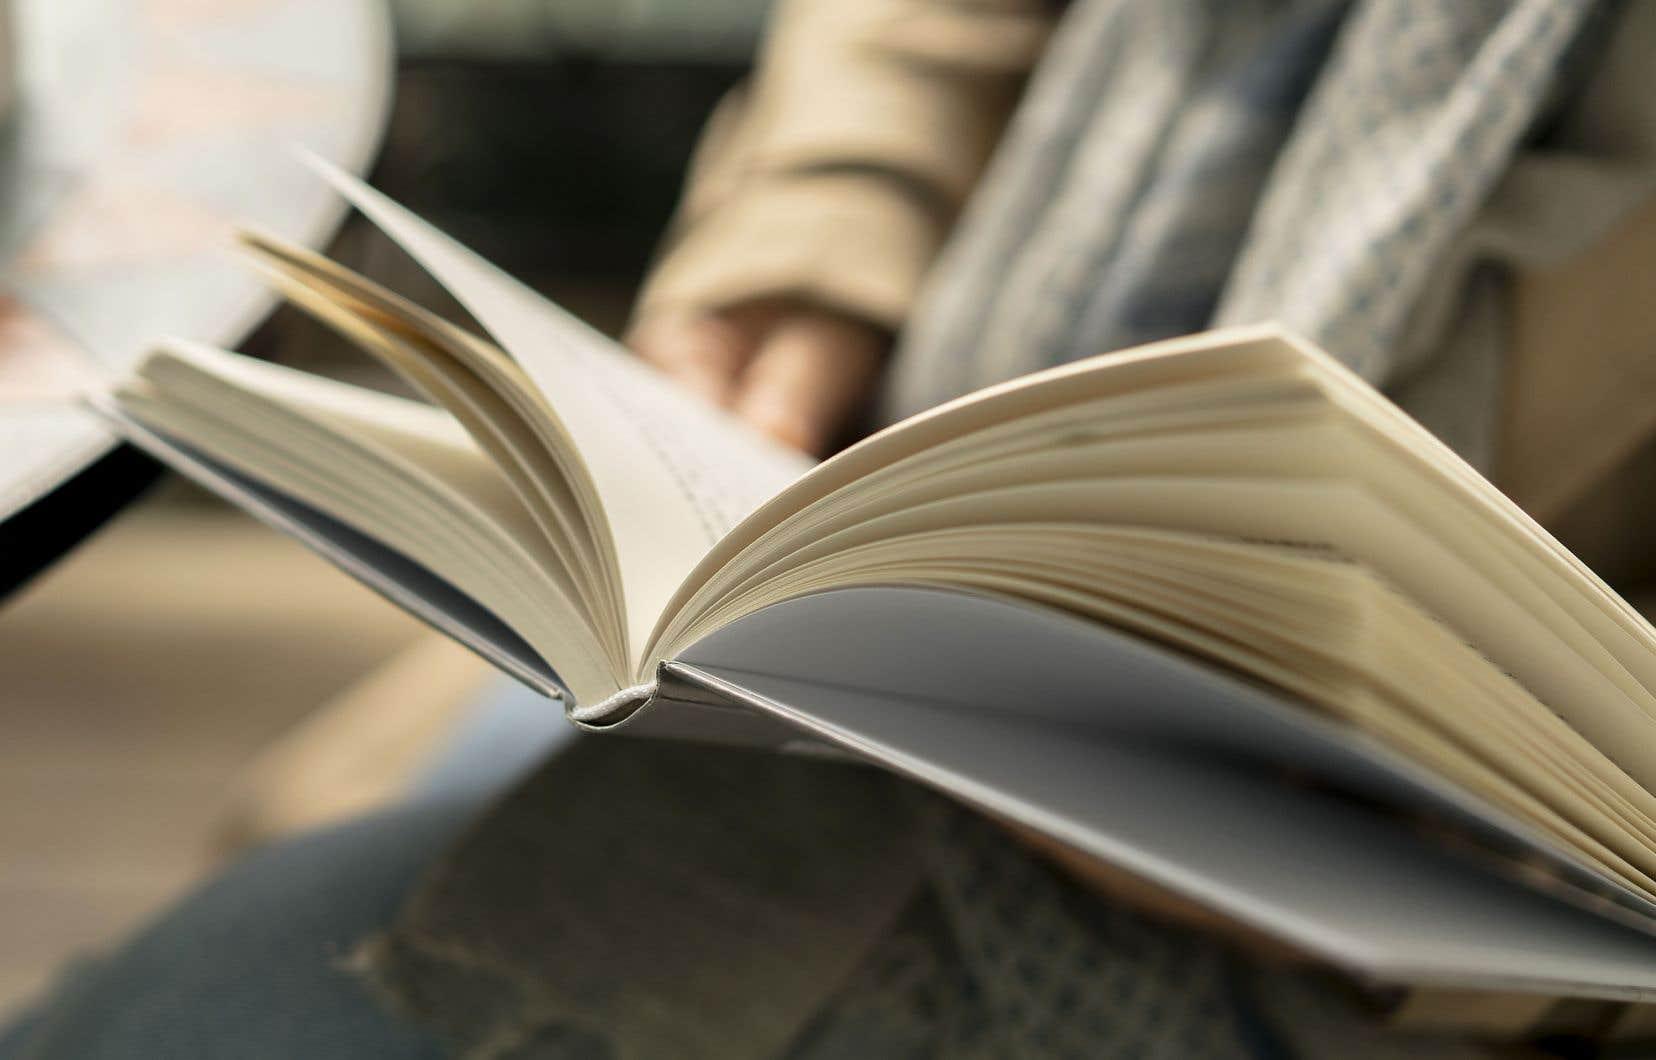 82% des répondants ont relevé que les écrivains et les écrivaines, par leurs œuvres, contribuent à leur divertissement et à leur bien-être durant la pandémie.